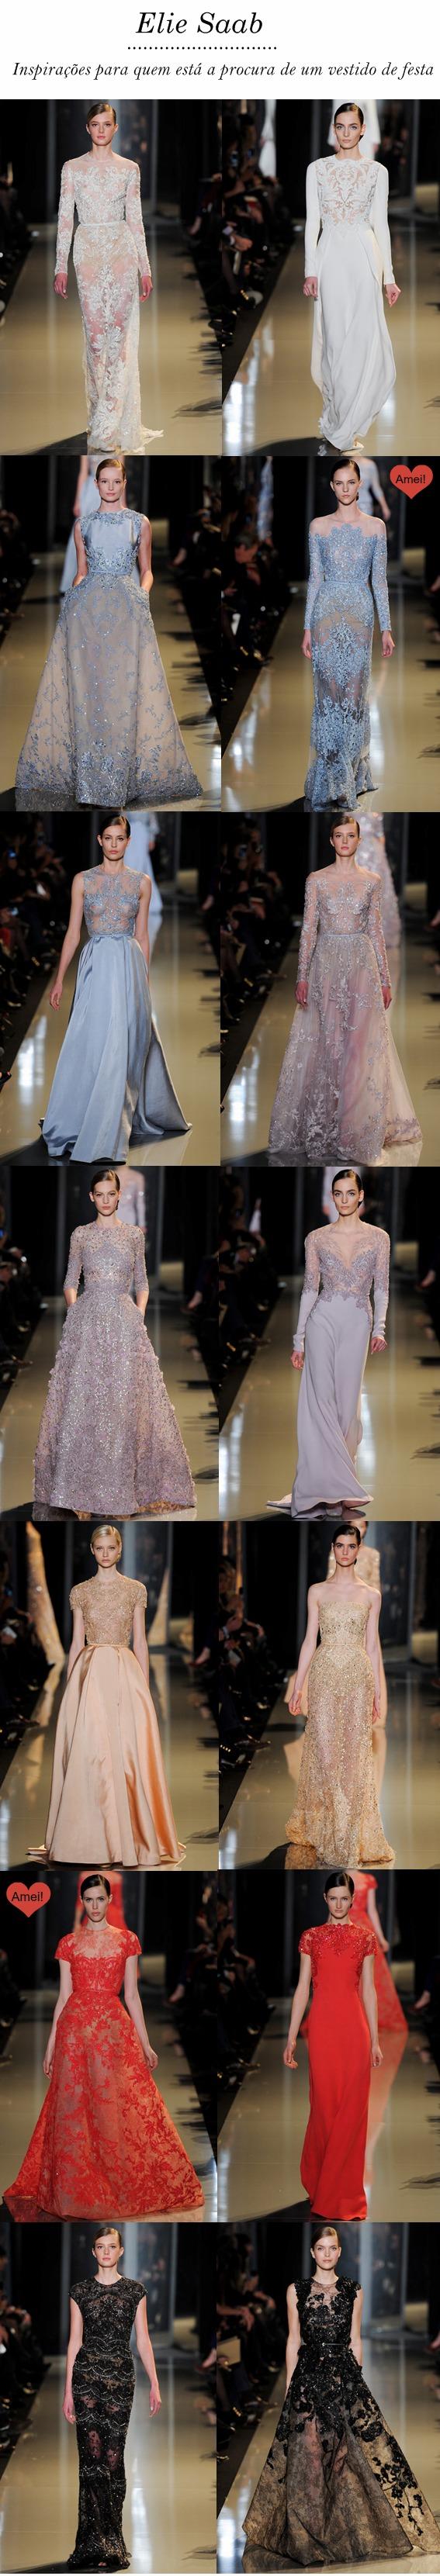 Lari-Duarte-.com-Blog-da-Lari-Elie-Saab-Fashion-Show-Spring-2013-partie-dress-inspiration-vestidos-de-vesta-1